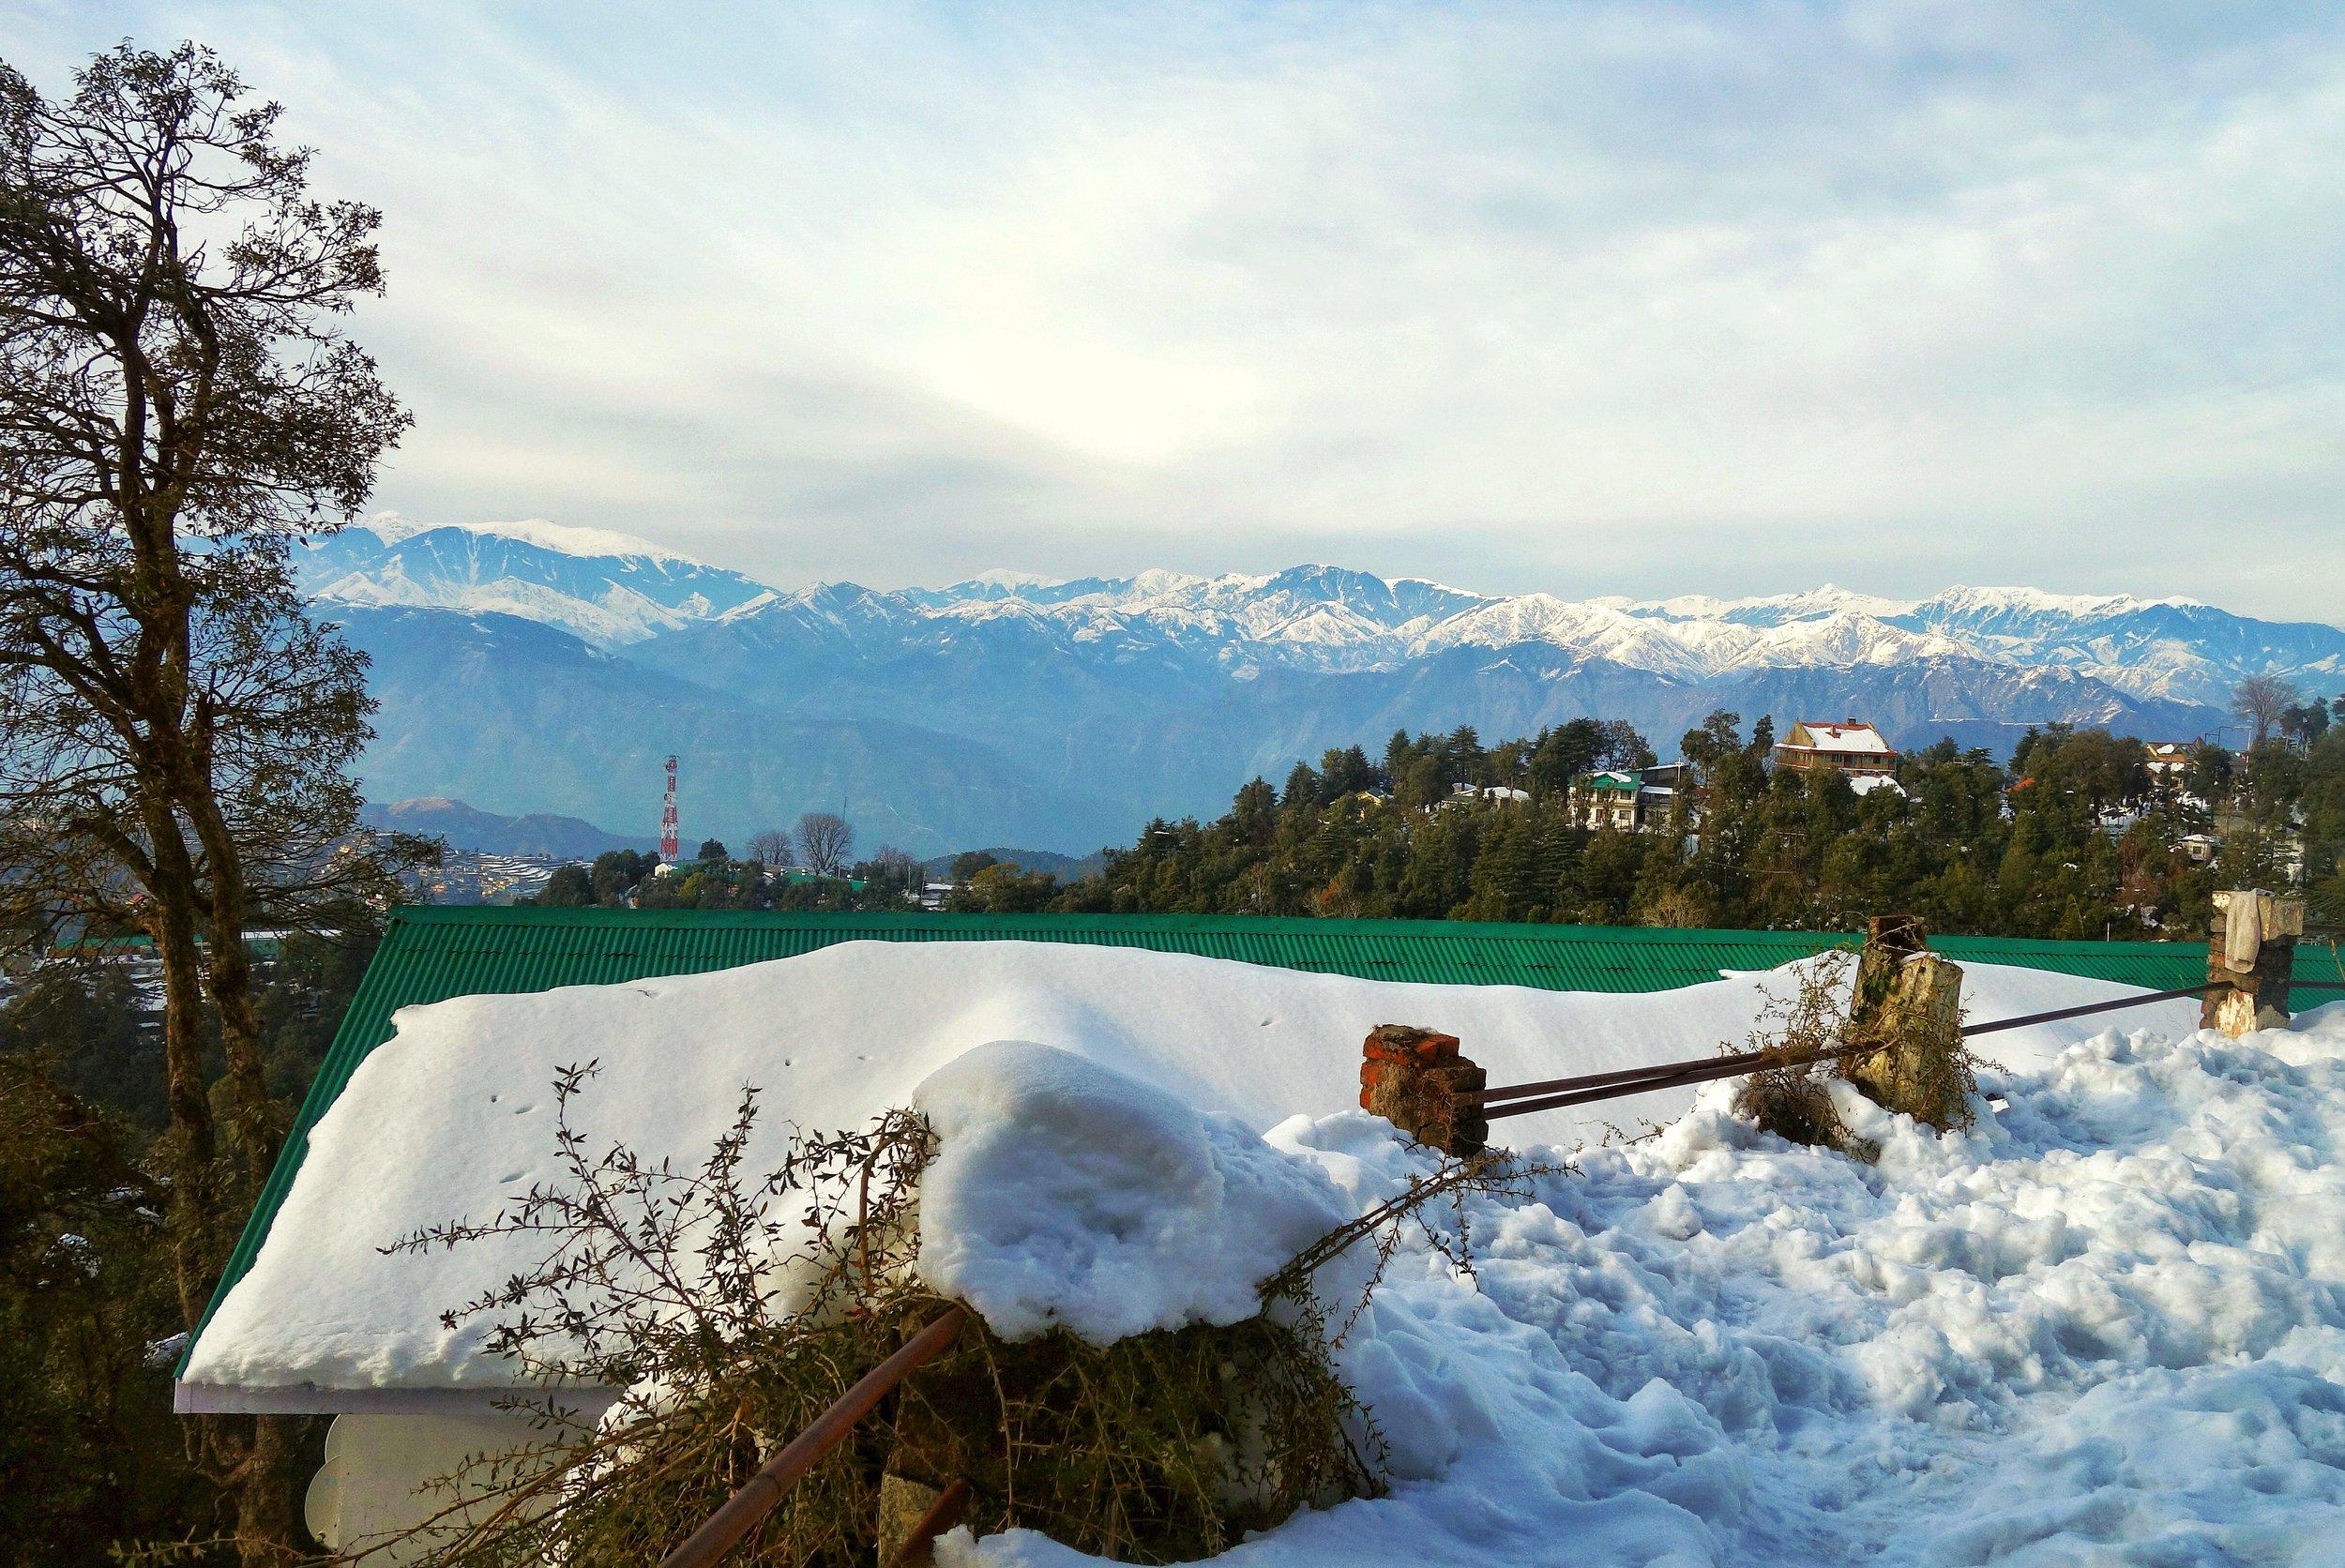 dalhousie-winter-chamba-3